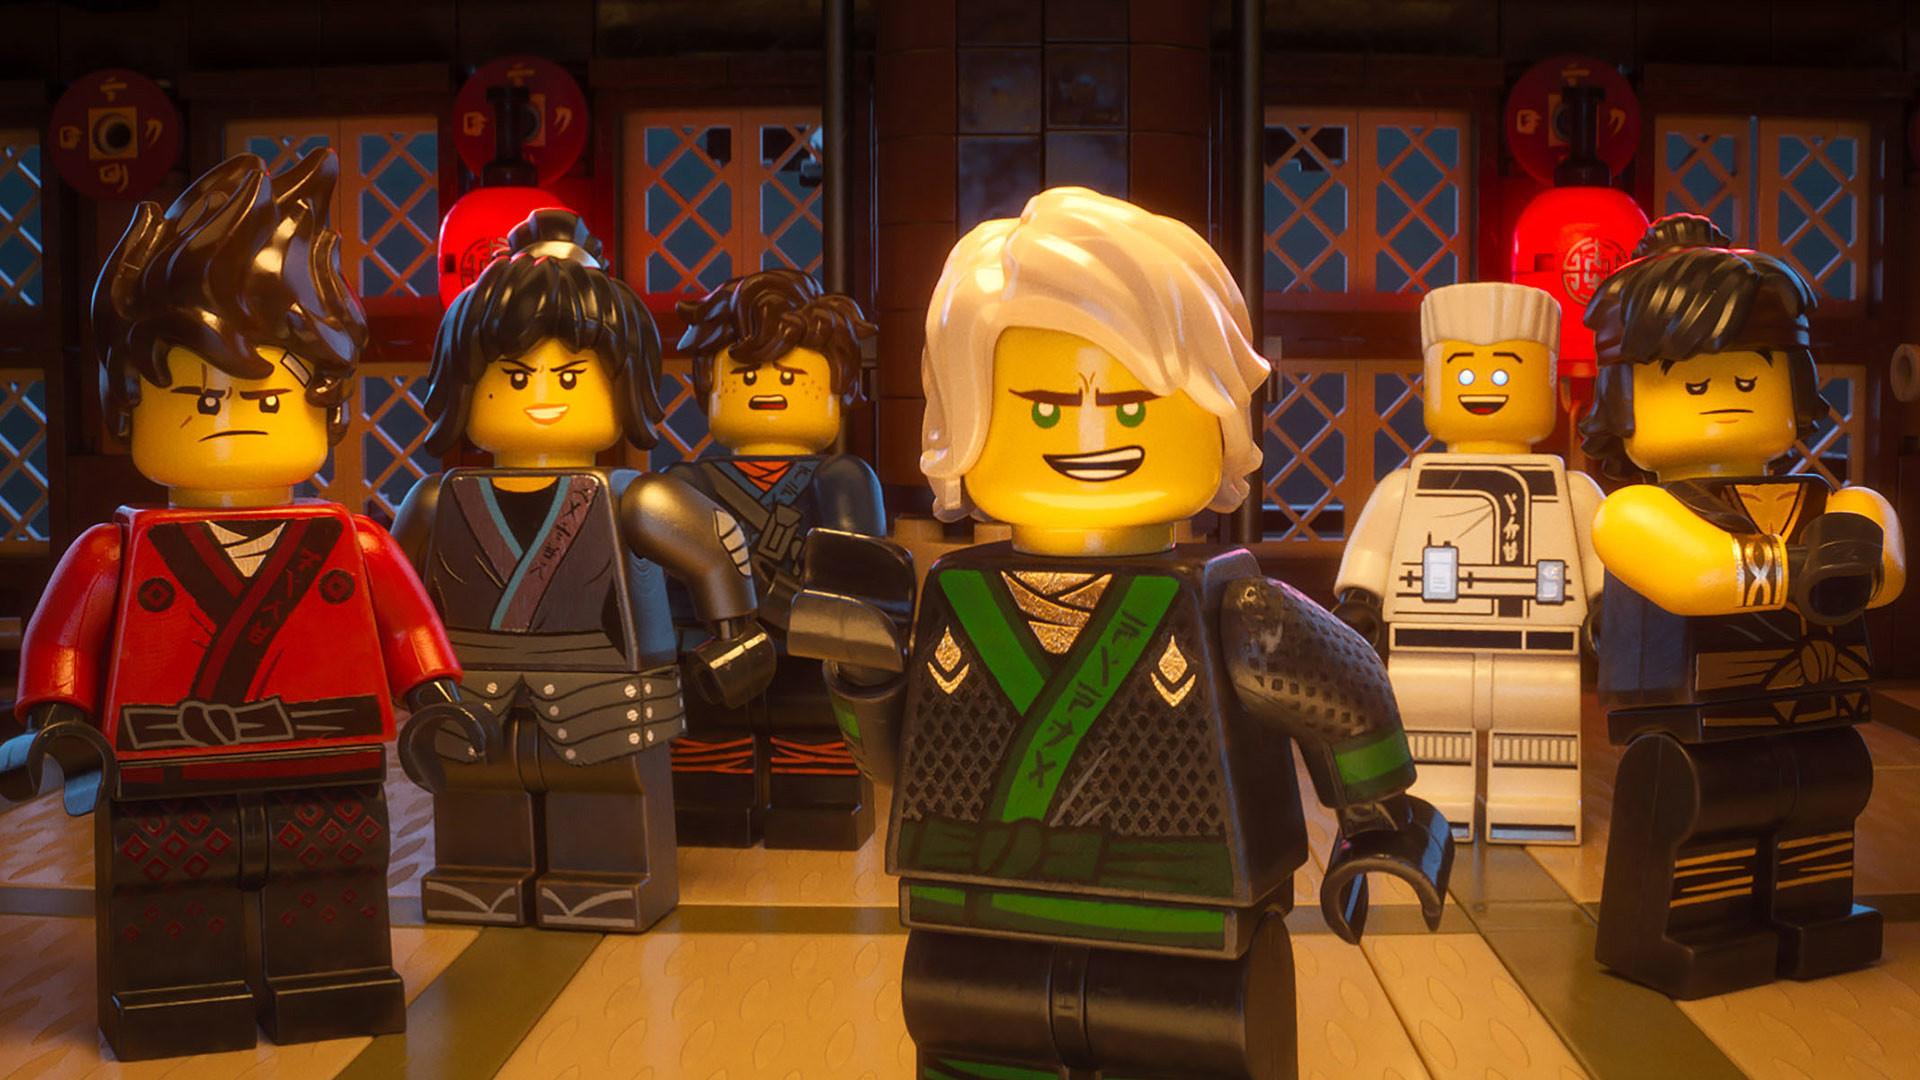 The LEGO Ninjago Movie Wallpaper ninjas